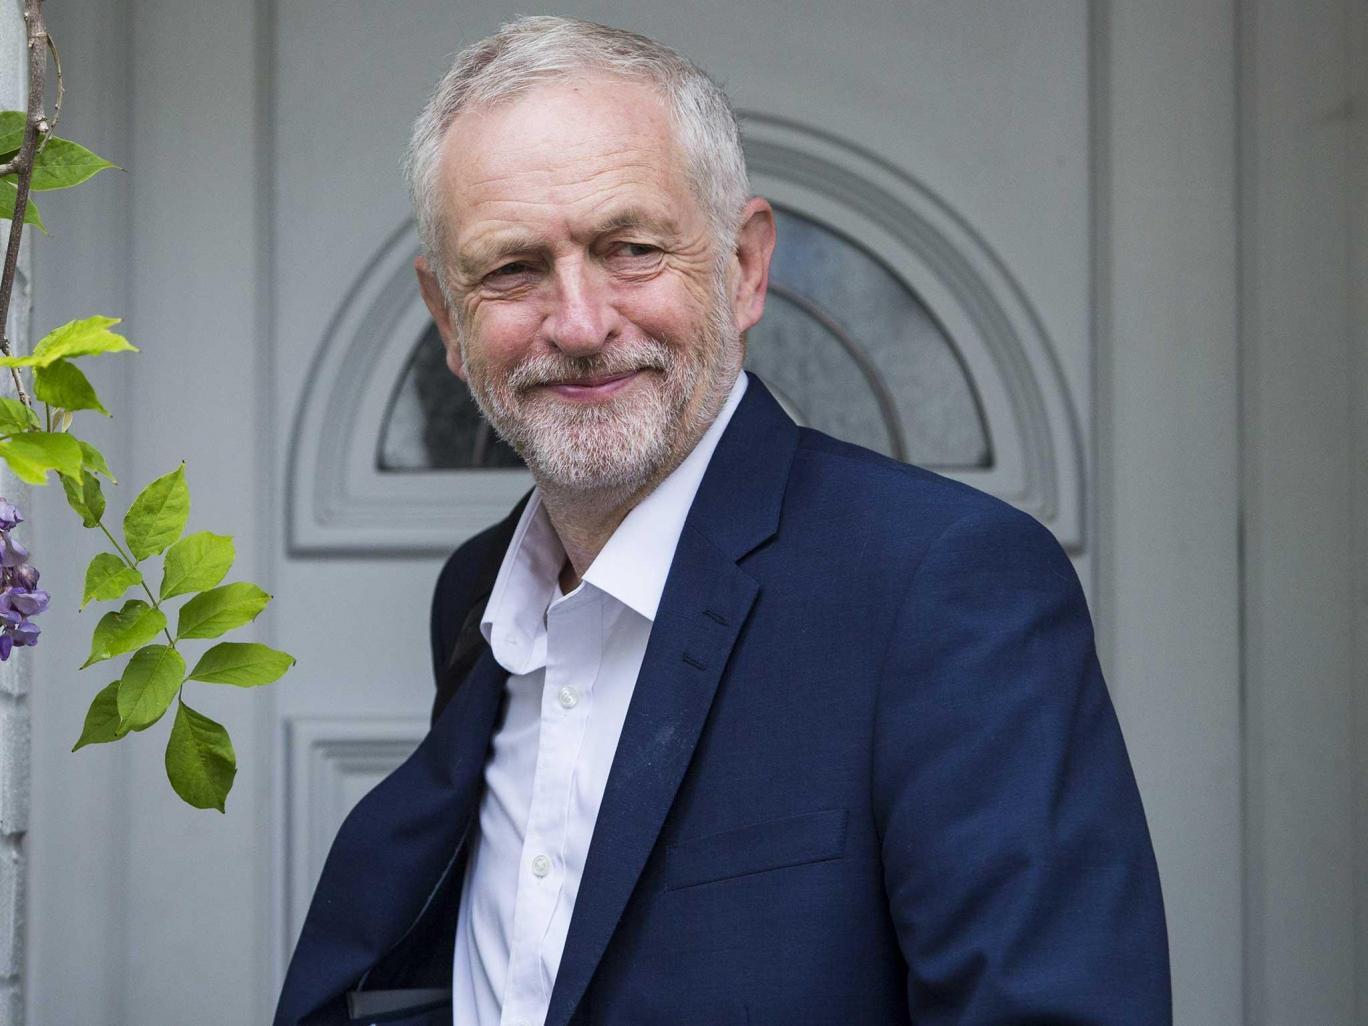 Джереми Корбин уверен, что он будет переизбран на пост лидера лейбористов. Фото: Getty Images